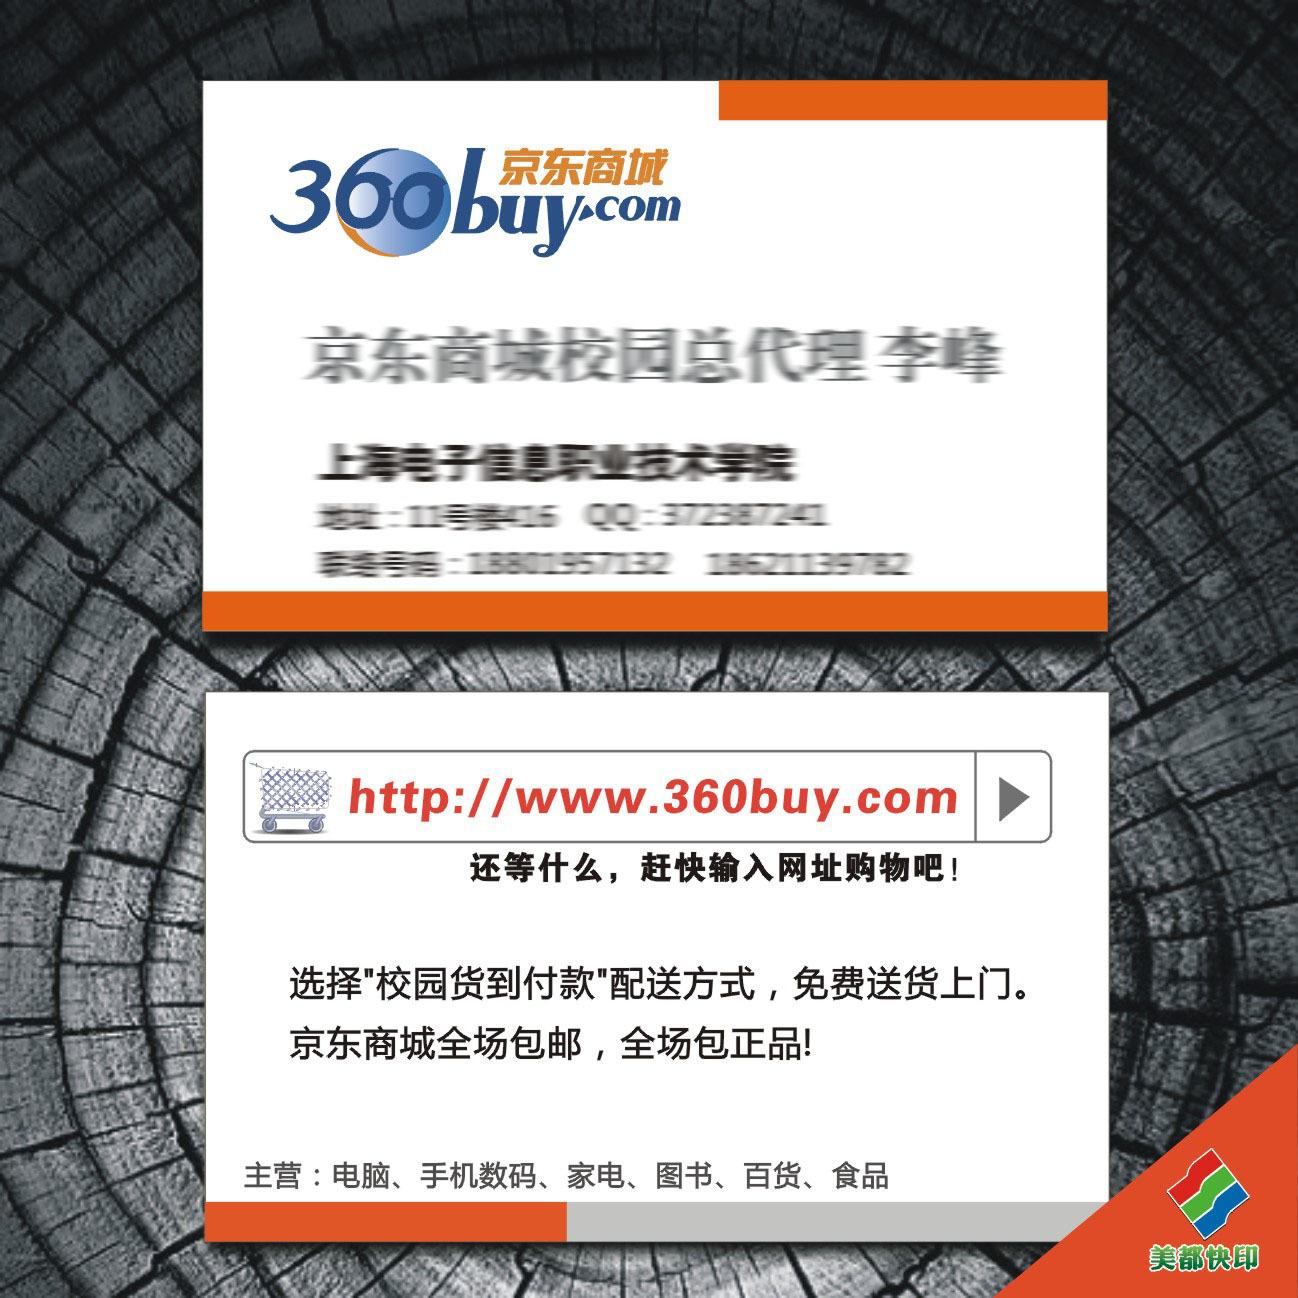 原料公司企业网站模板源码下载_dedecms企业模板 源码 (https://www.oilcn.net.cn/) 网站运营 第3张